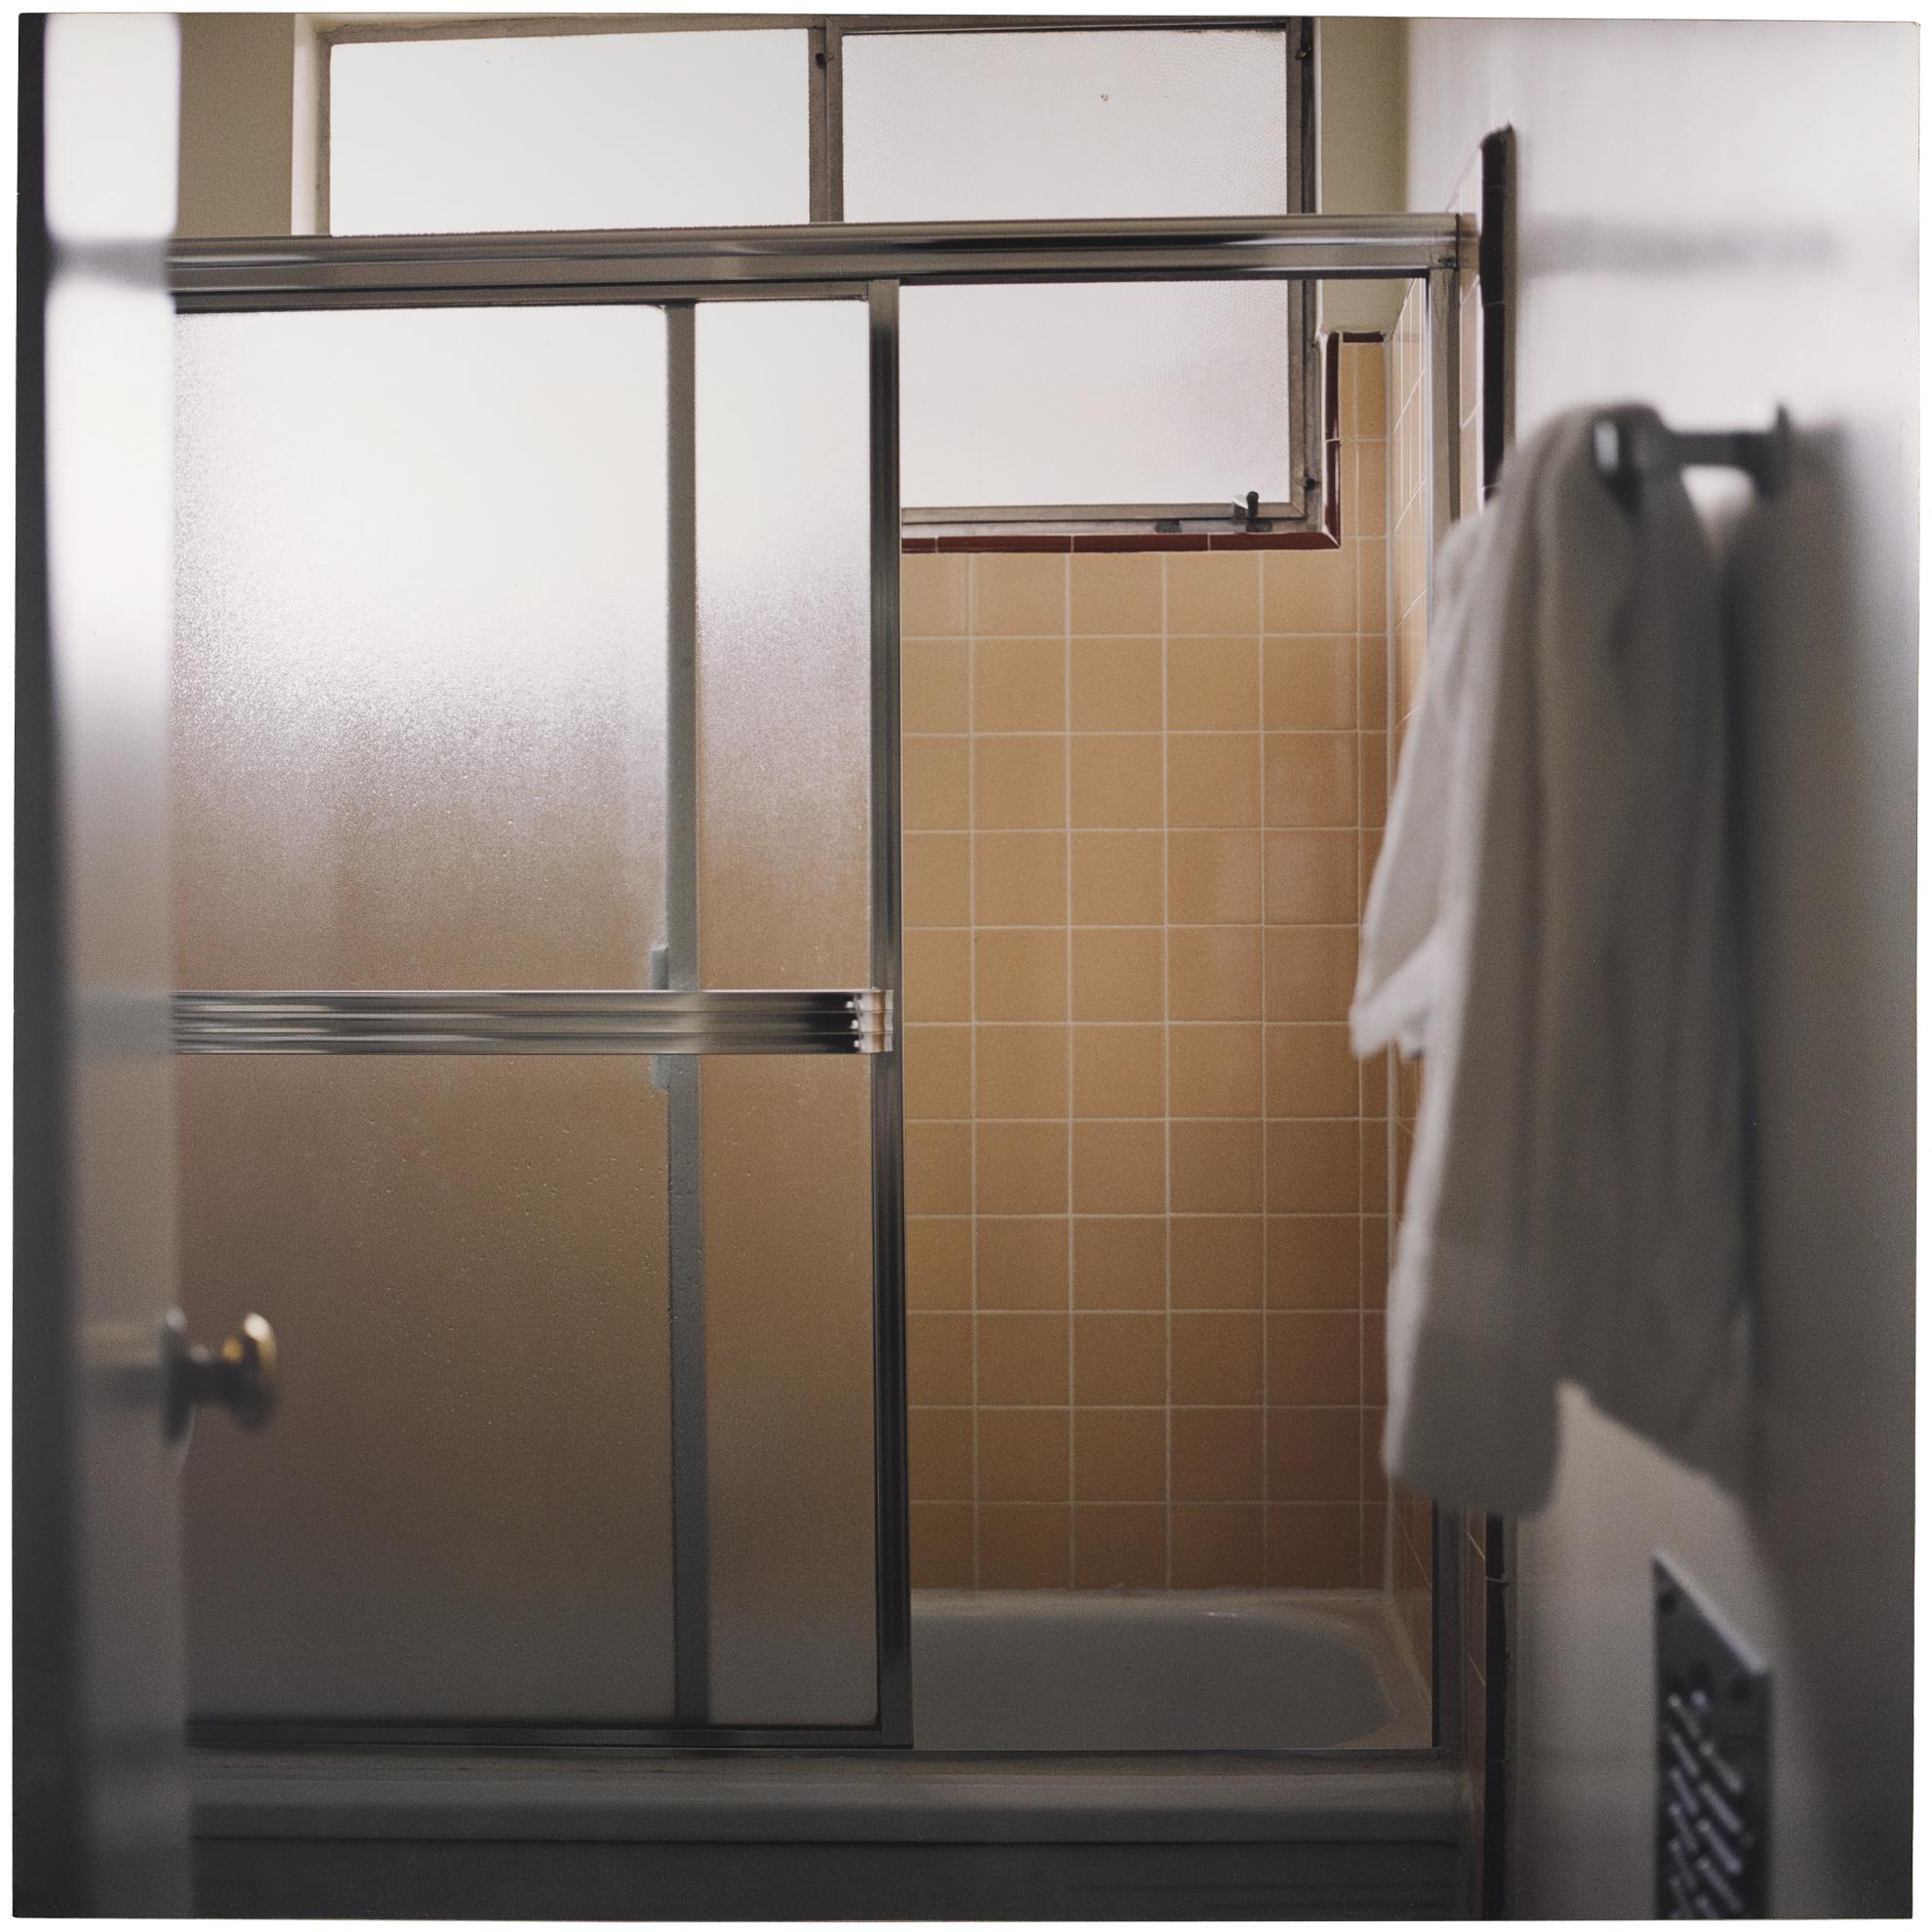 Elisa Sighicelli-Iceland: Bathroom-2001